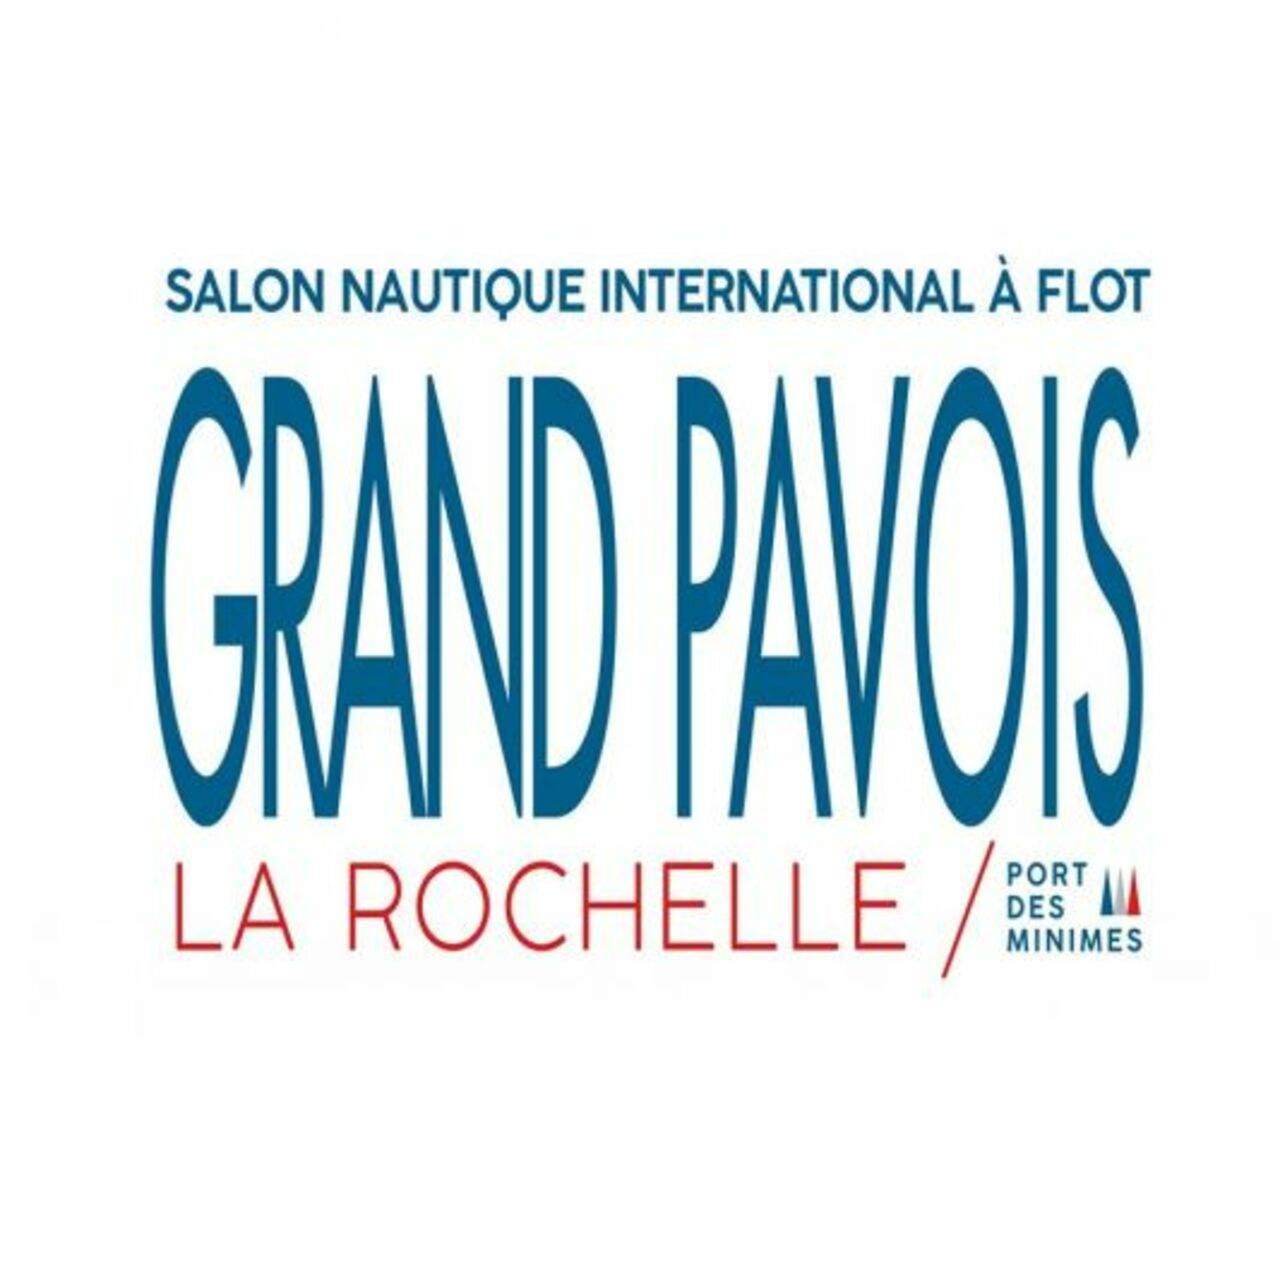 Salon Nautique du Grand Pavois - La Rochelle | France